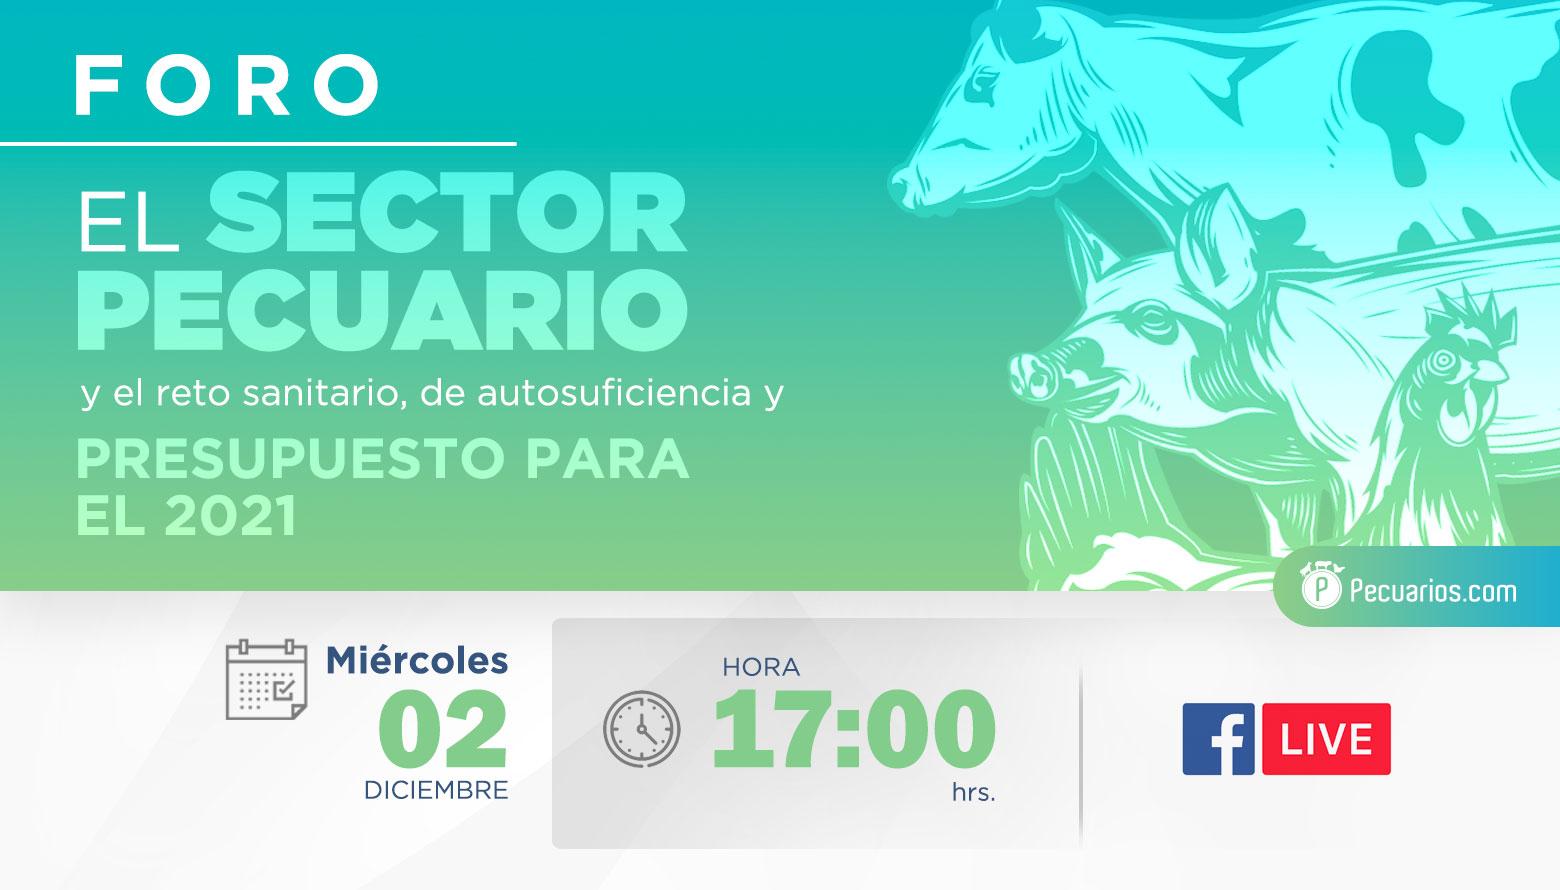 Pecuarios.com presentará el foro: El sector pecuario y el reto sanitario, de autosuficiencia y presupuesto para el 2021